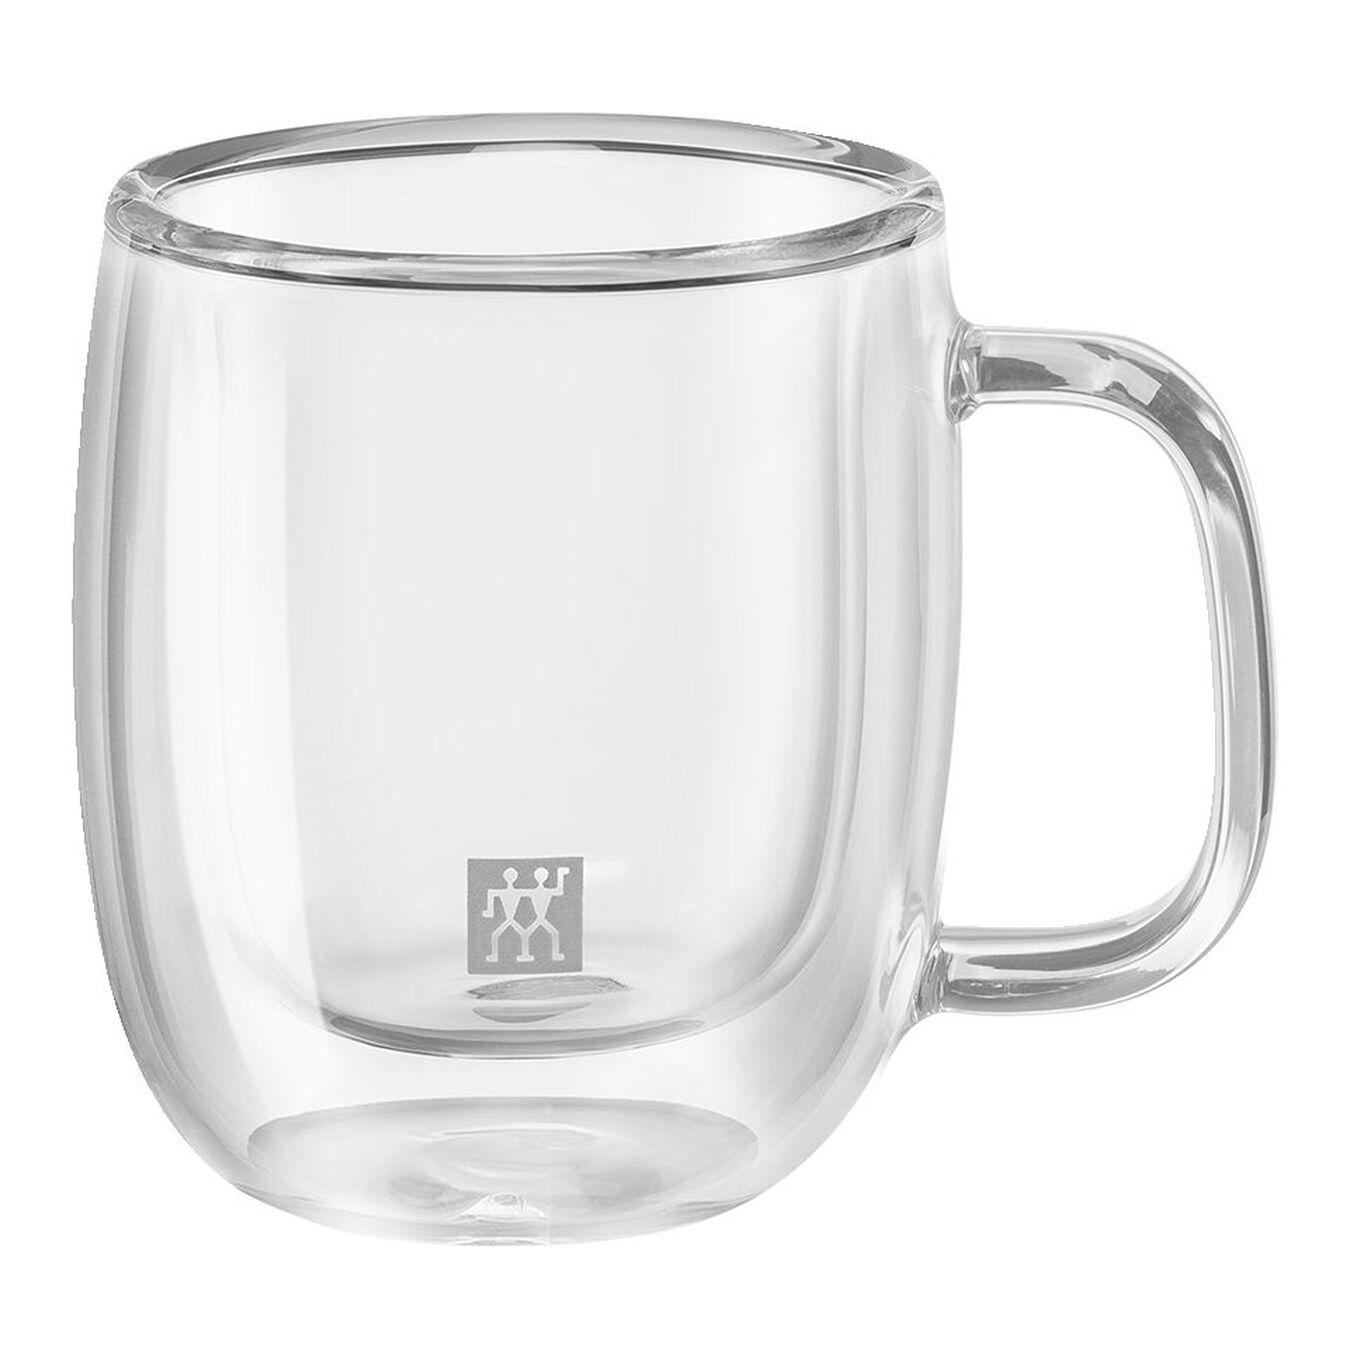 Çift Camlı Kulplu Espresso bardağı seti | Borosilikat Cam | 2-parça,,large 1